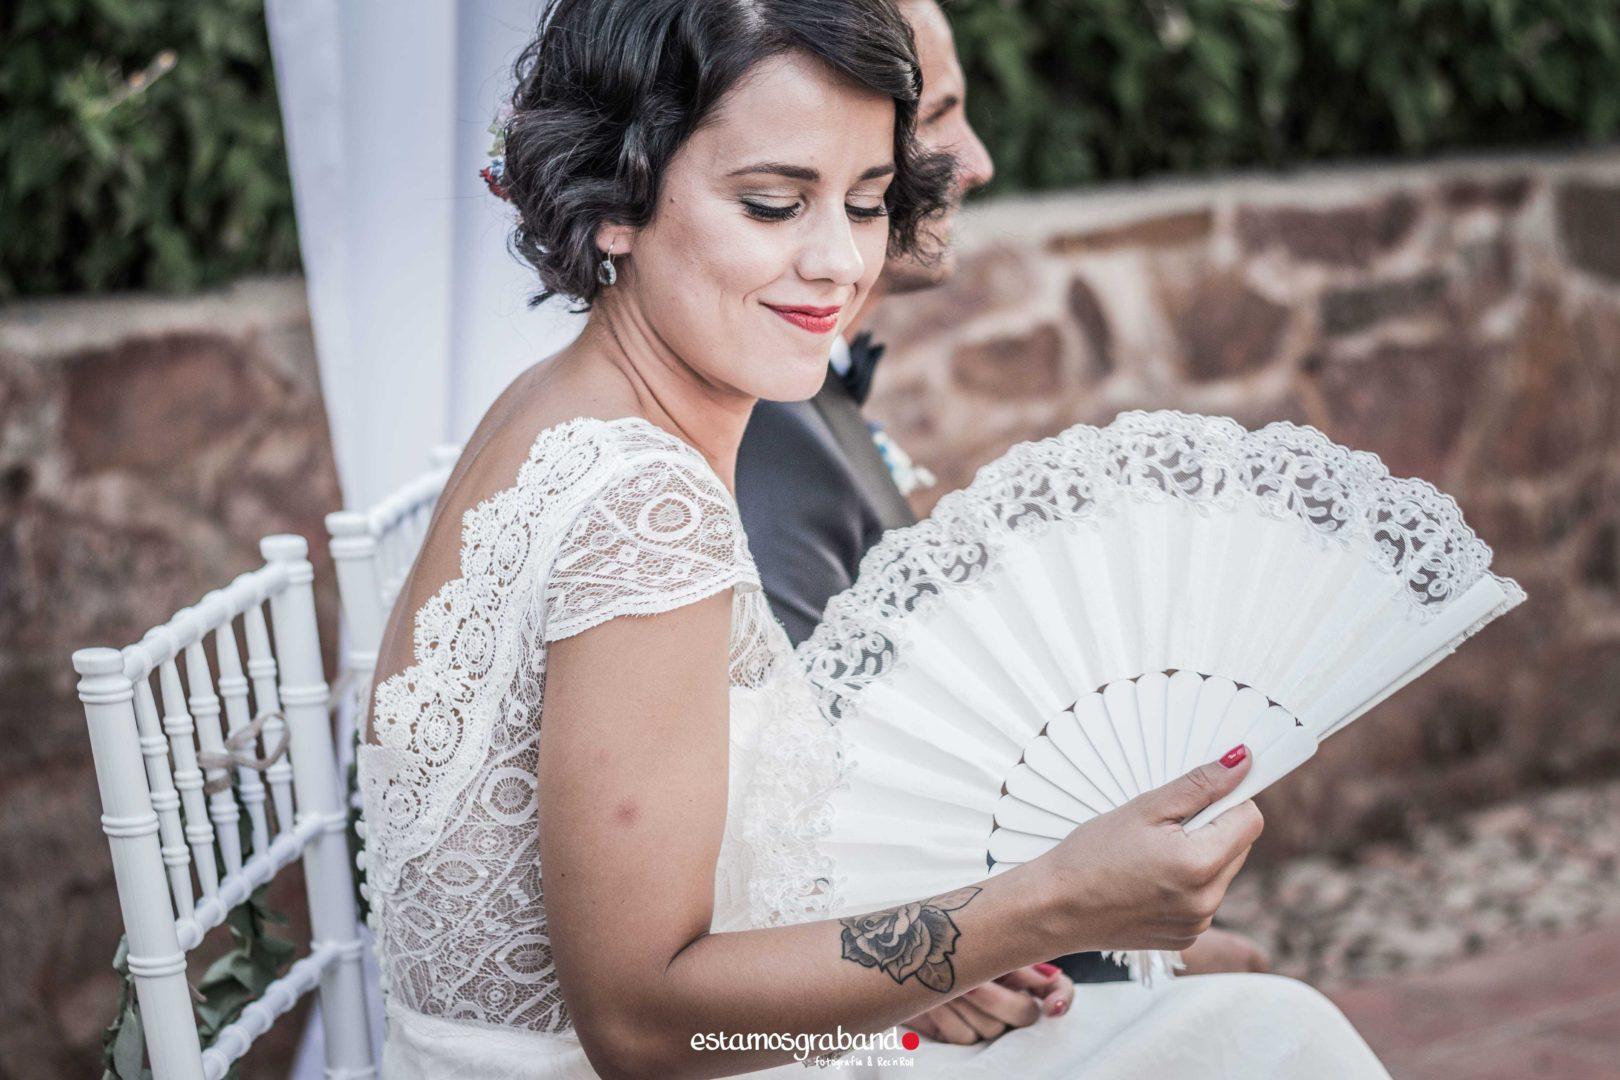 J_C-87-1620x1080 Julián & Cecilia _ Fotografía  de Boda (Ciudad Real) - video boda cadiz